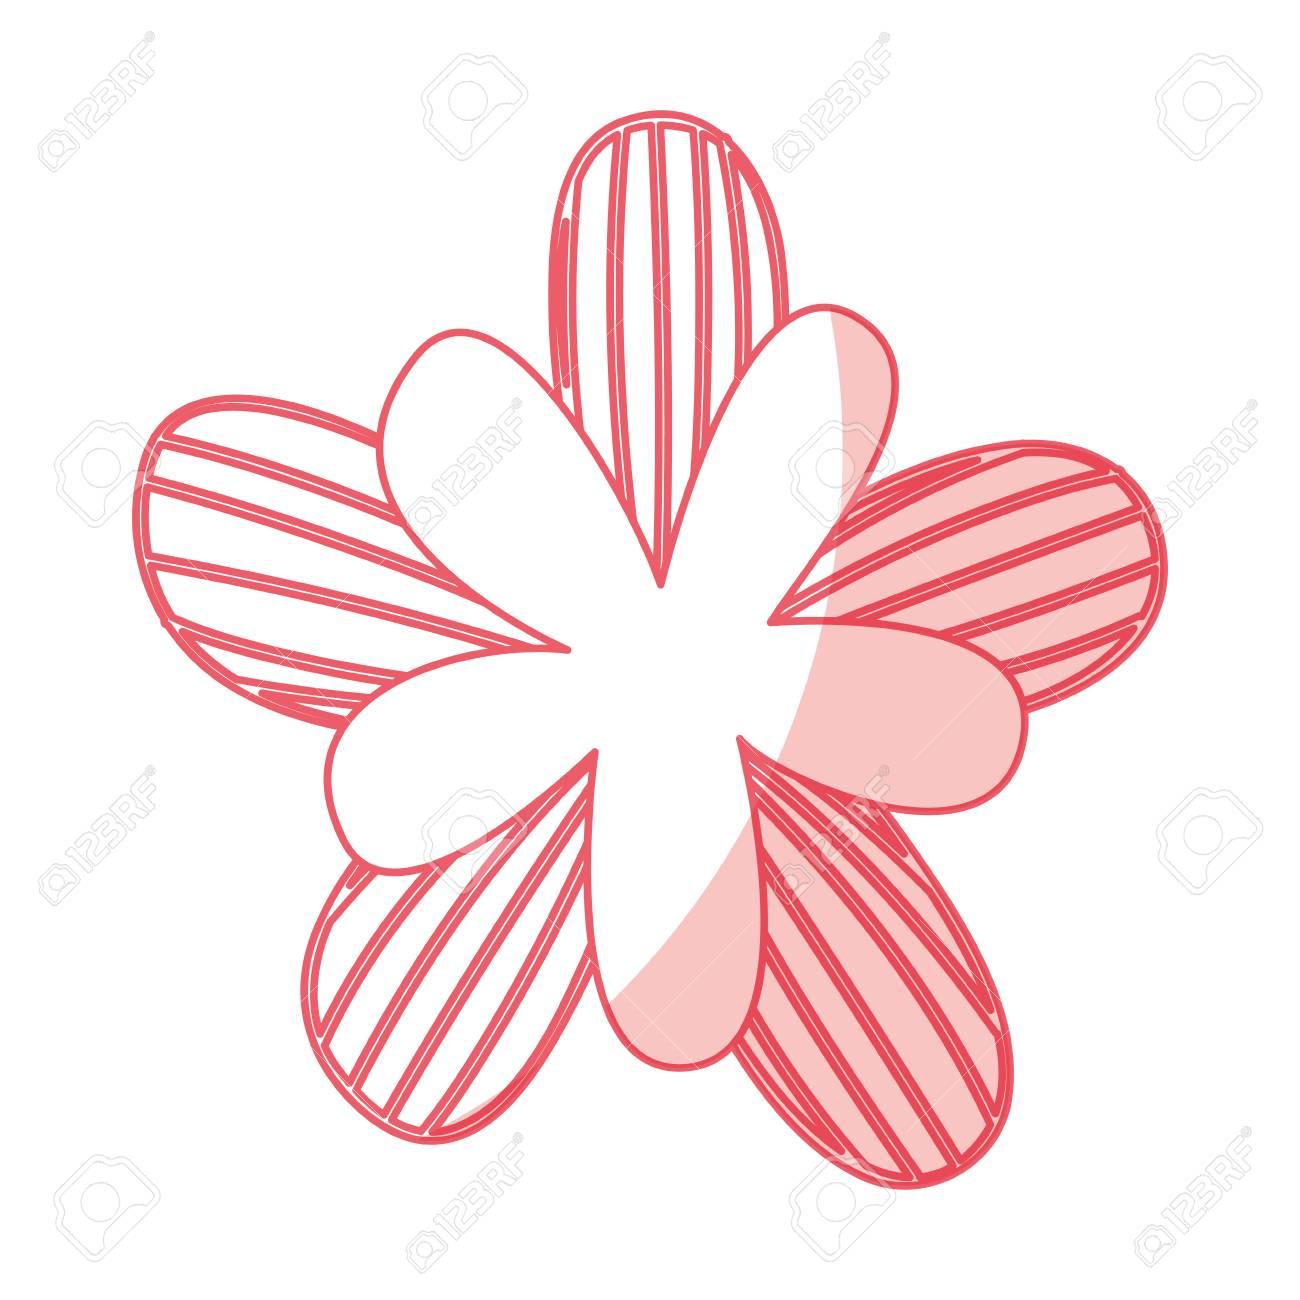 かわいい花の装飾的なベクトル イラスト デザインを描くのイラスト素材